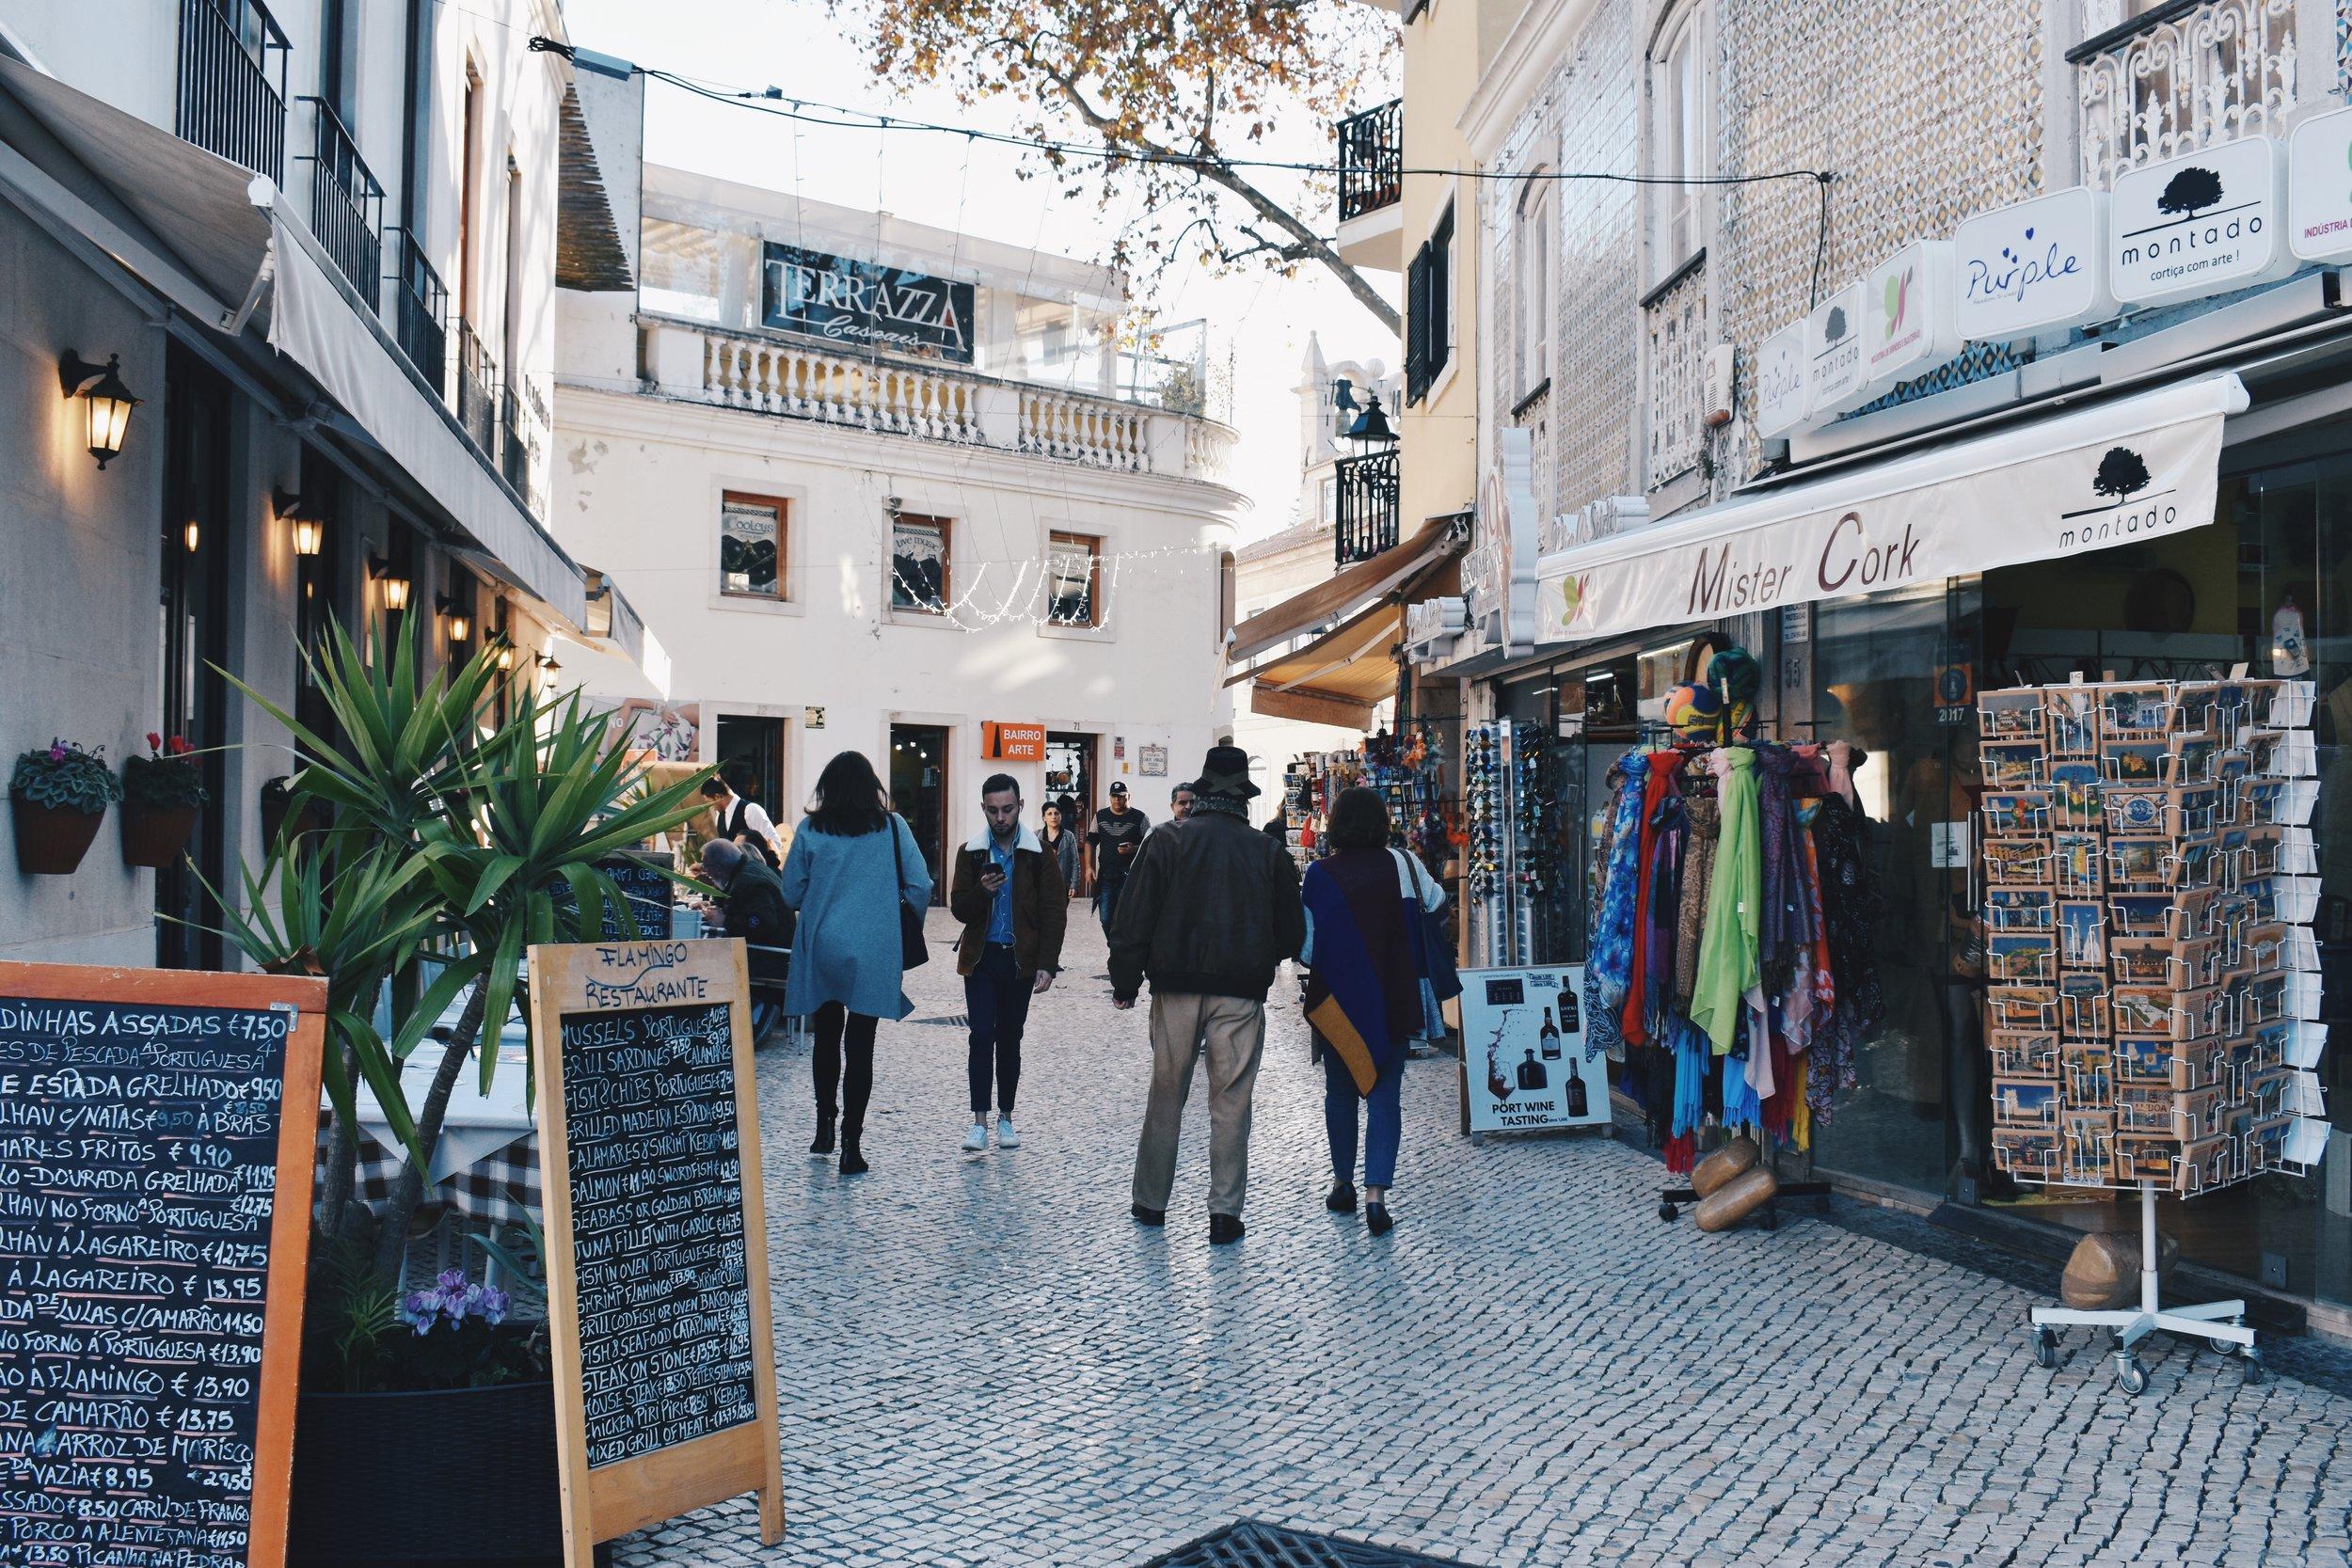 Traipsing through Cascais' town centre